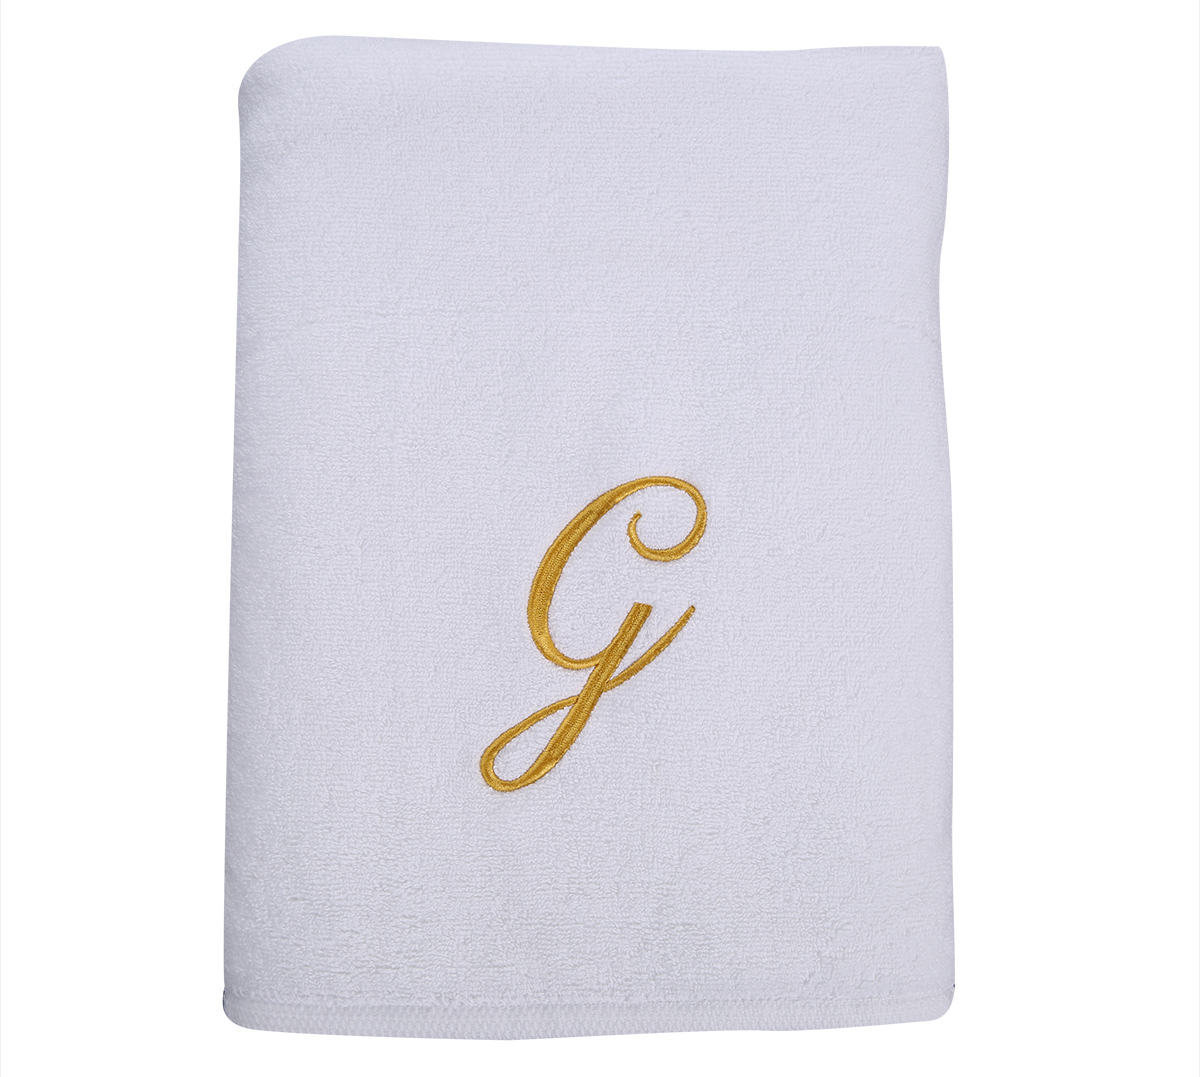 Alphabet Bath Towel 70x140cm Letter G